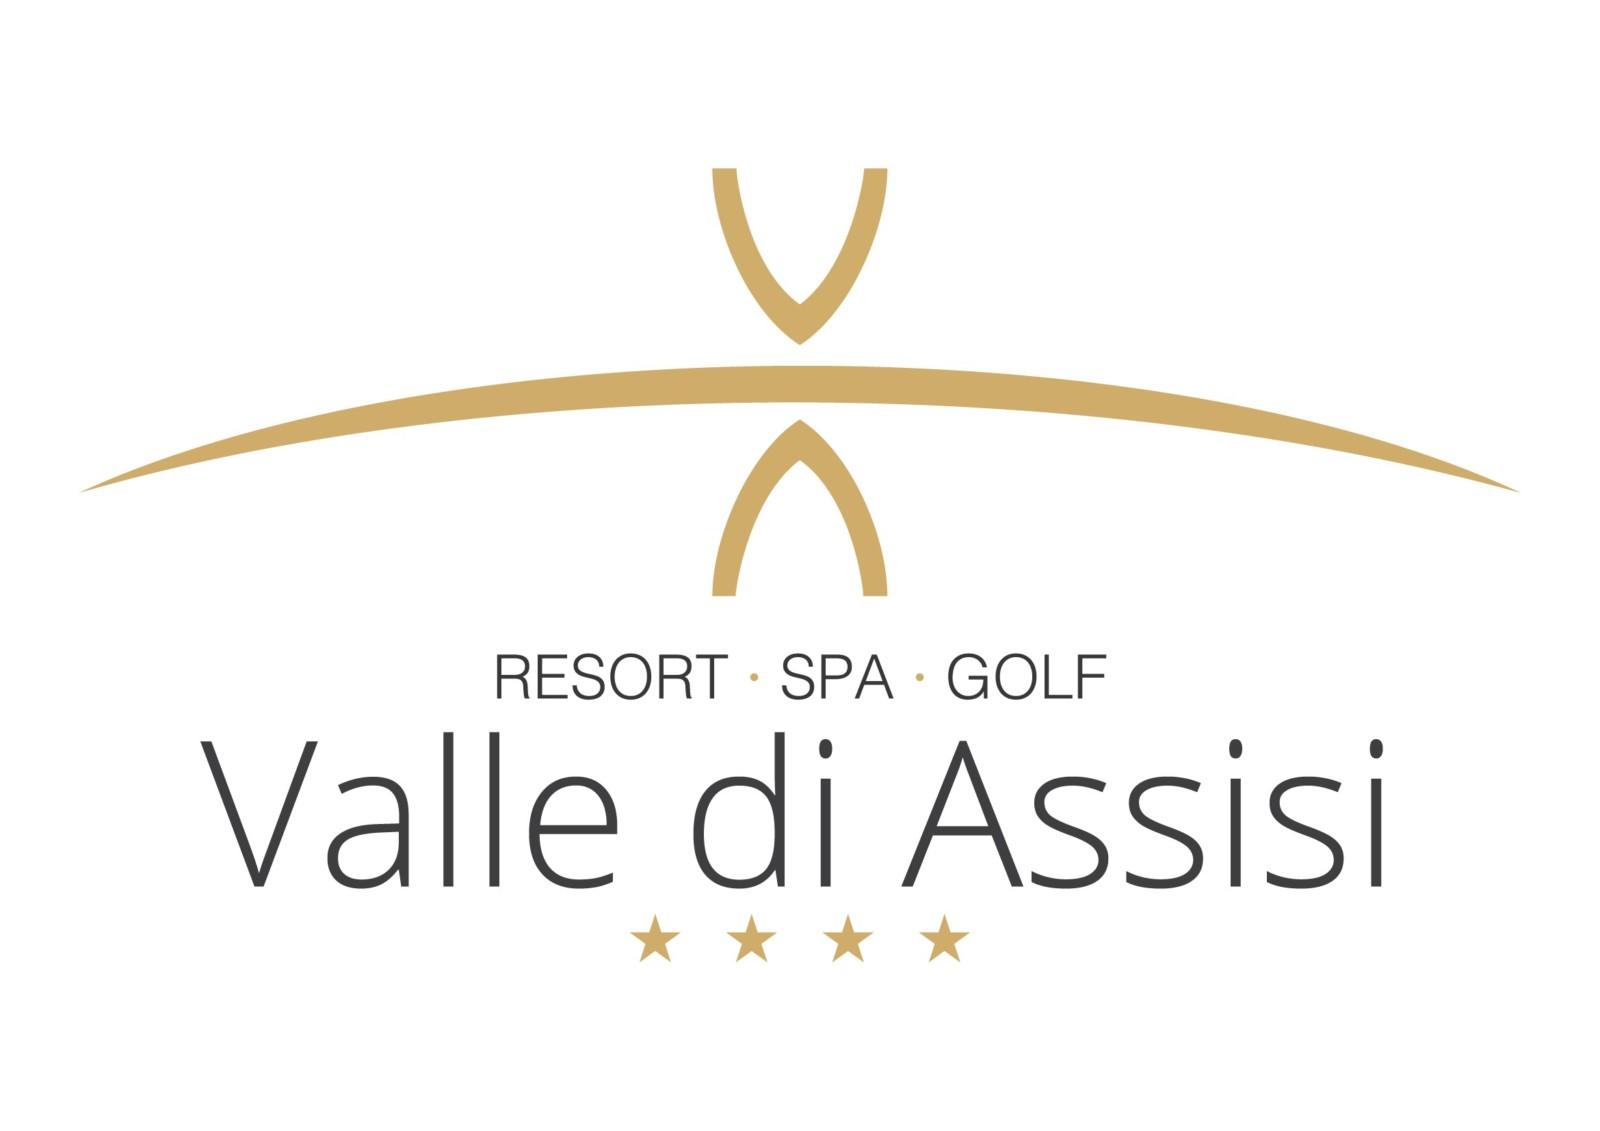 Valle di assisi resort